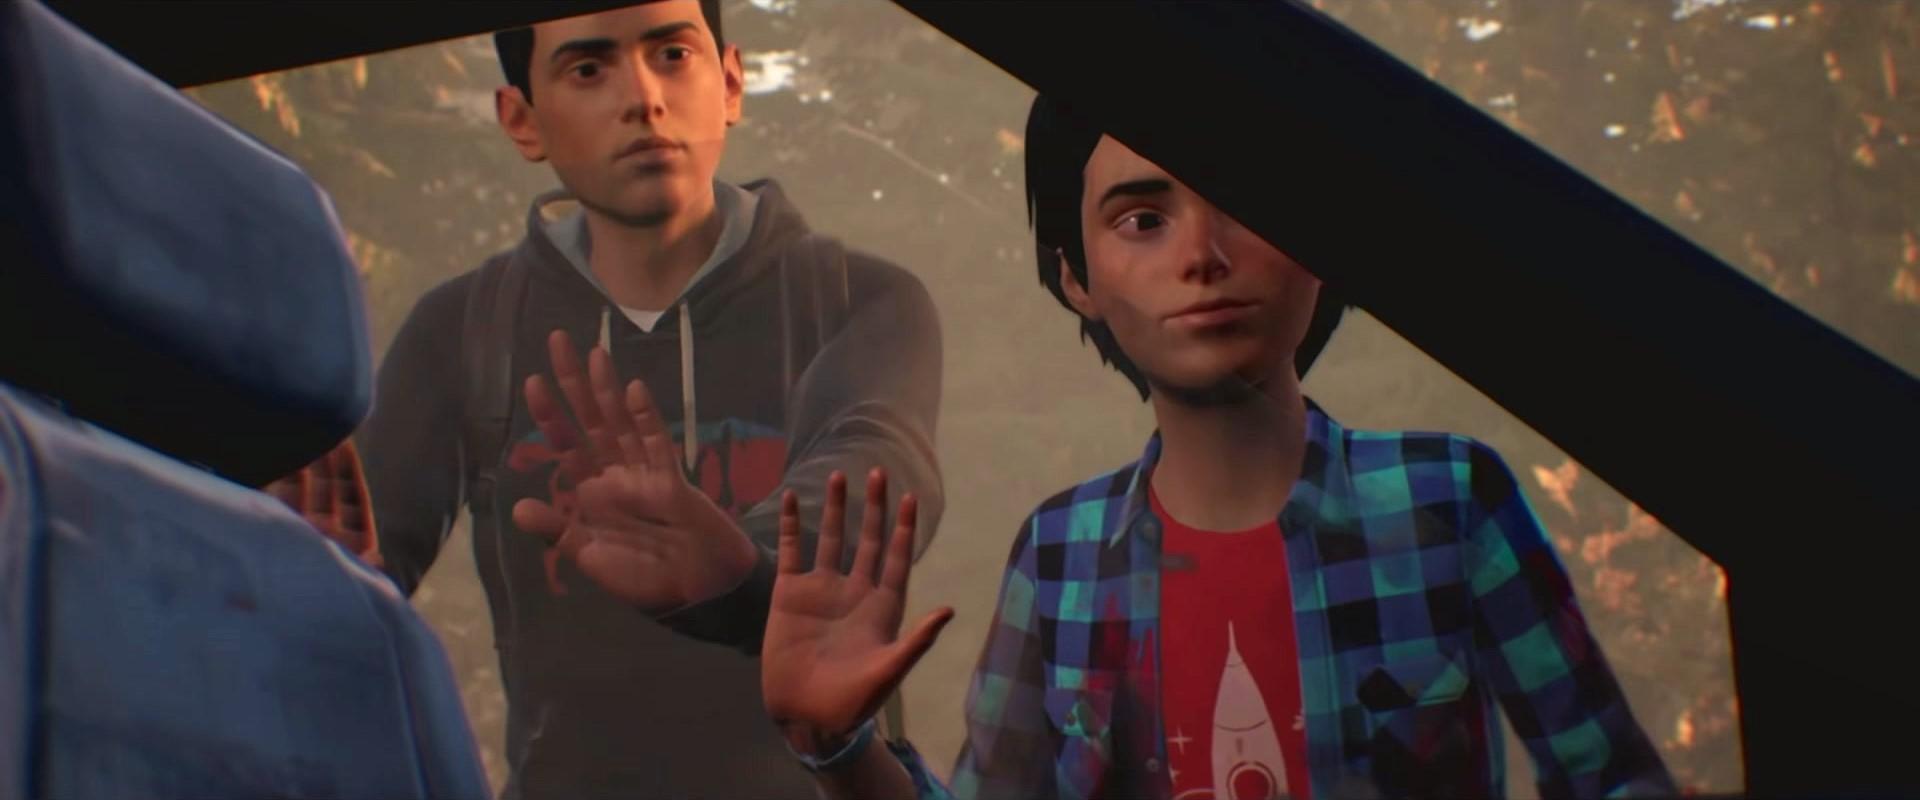 Скриншот из трейлера Life is Strange 2 (Шон и Даниэль)